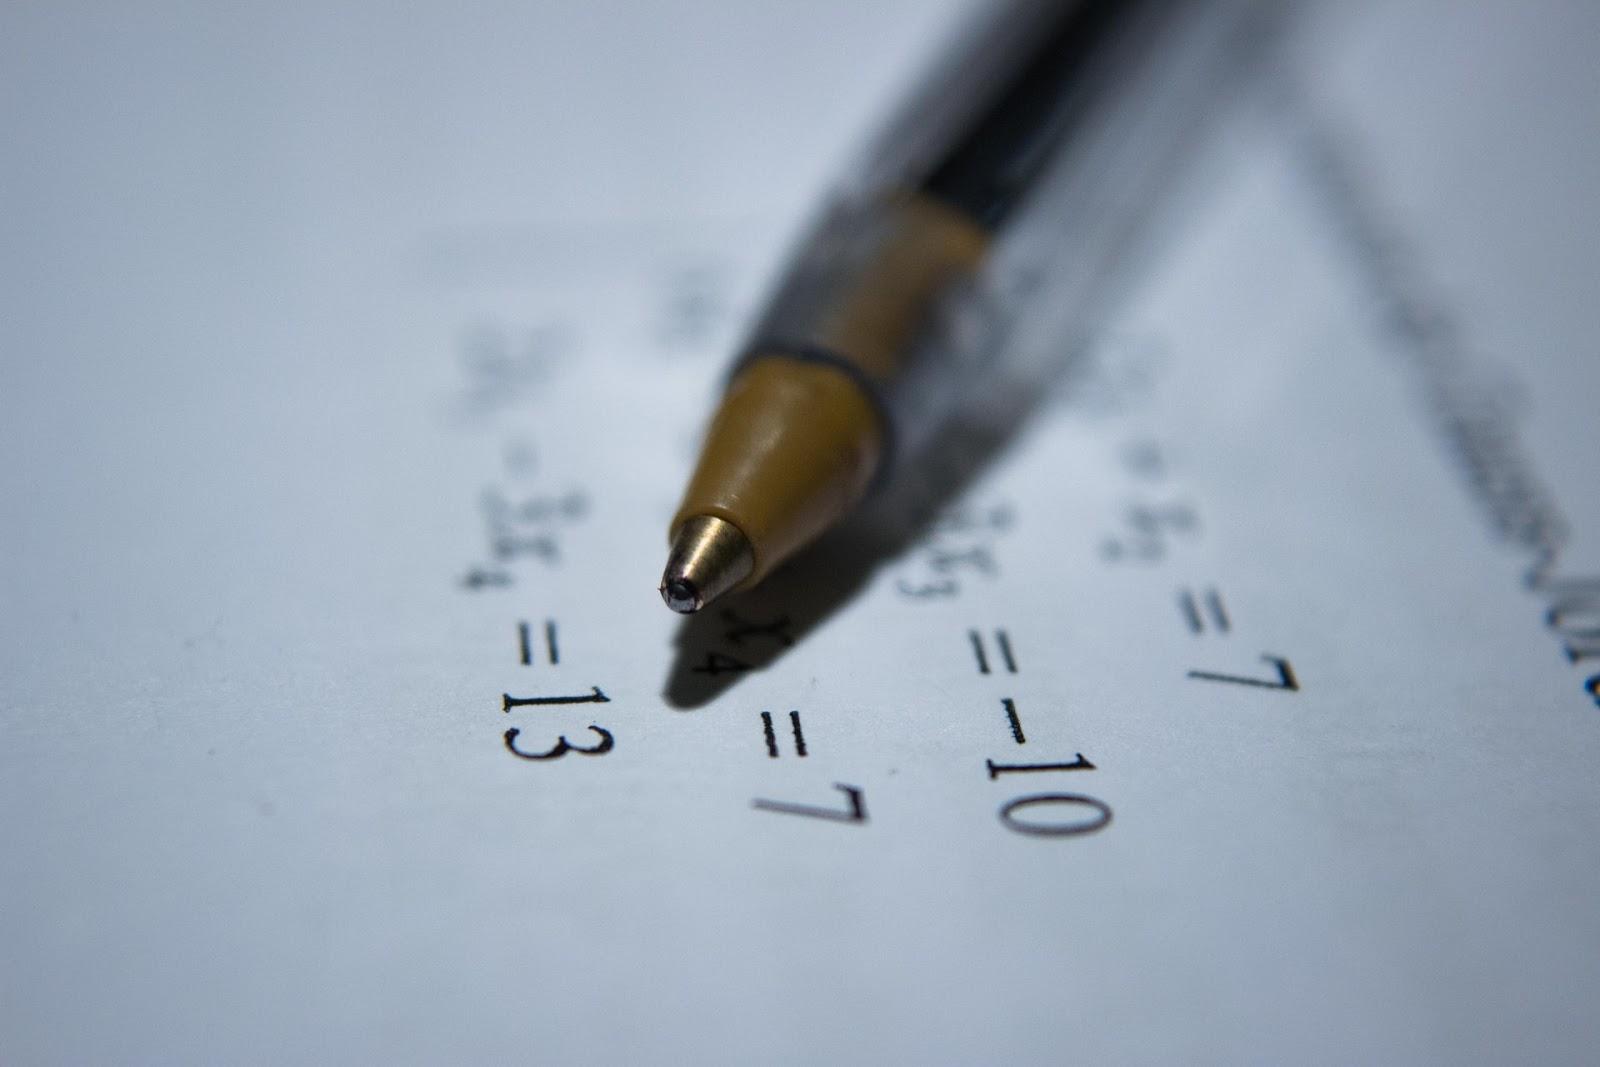 A graduação em matemática vai muito além dos números e da álgebra que vemos na escola (Imagem: Antoine Dautry/Unsplash)